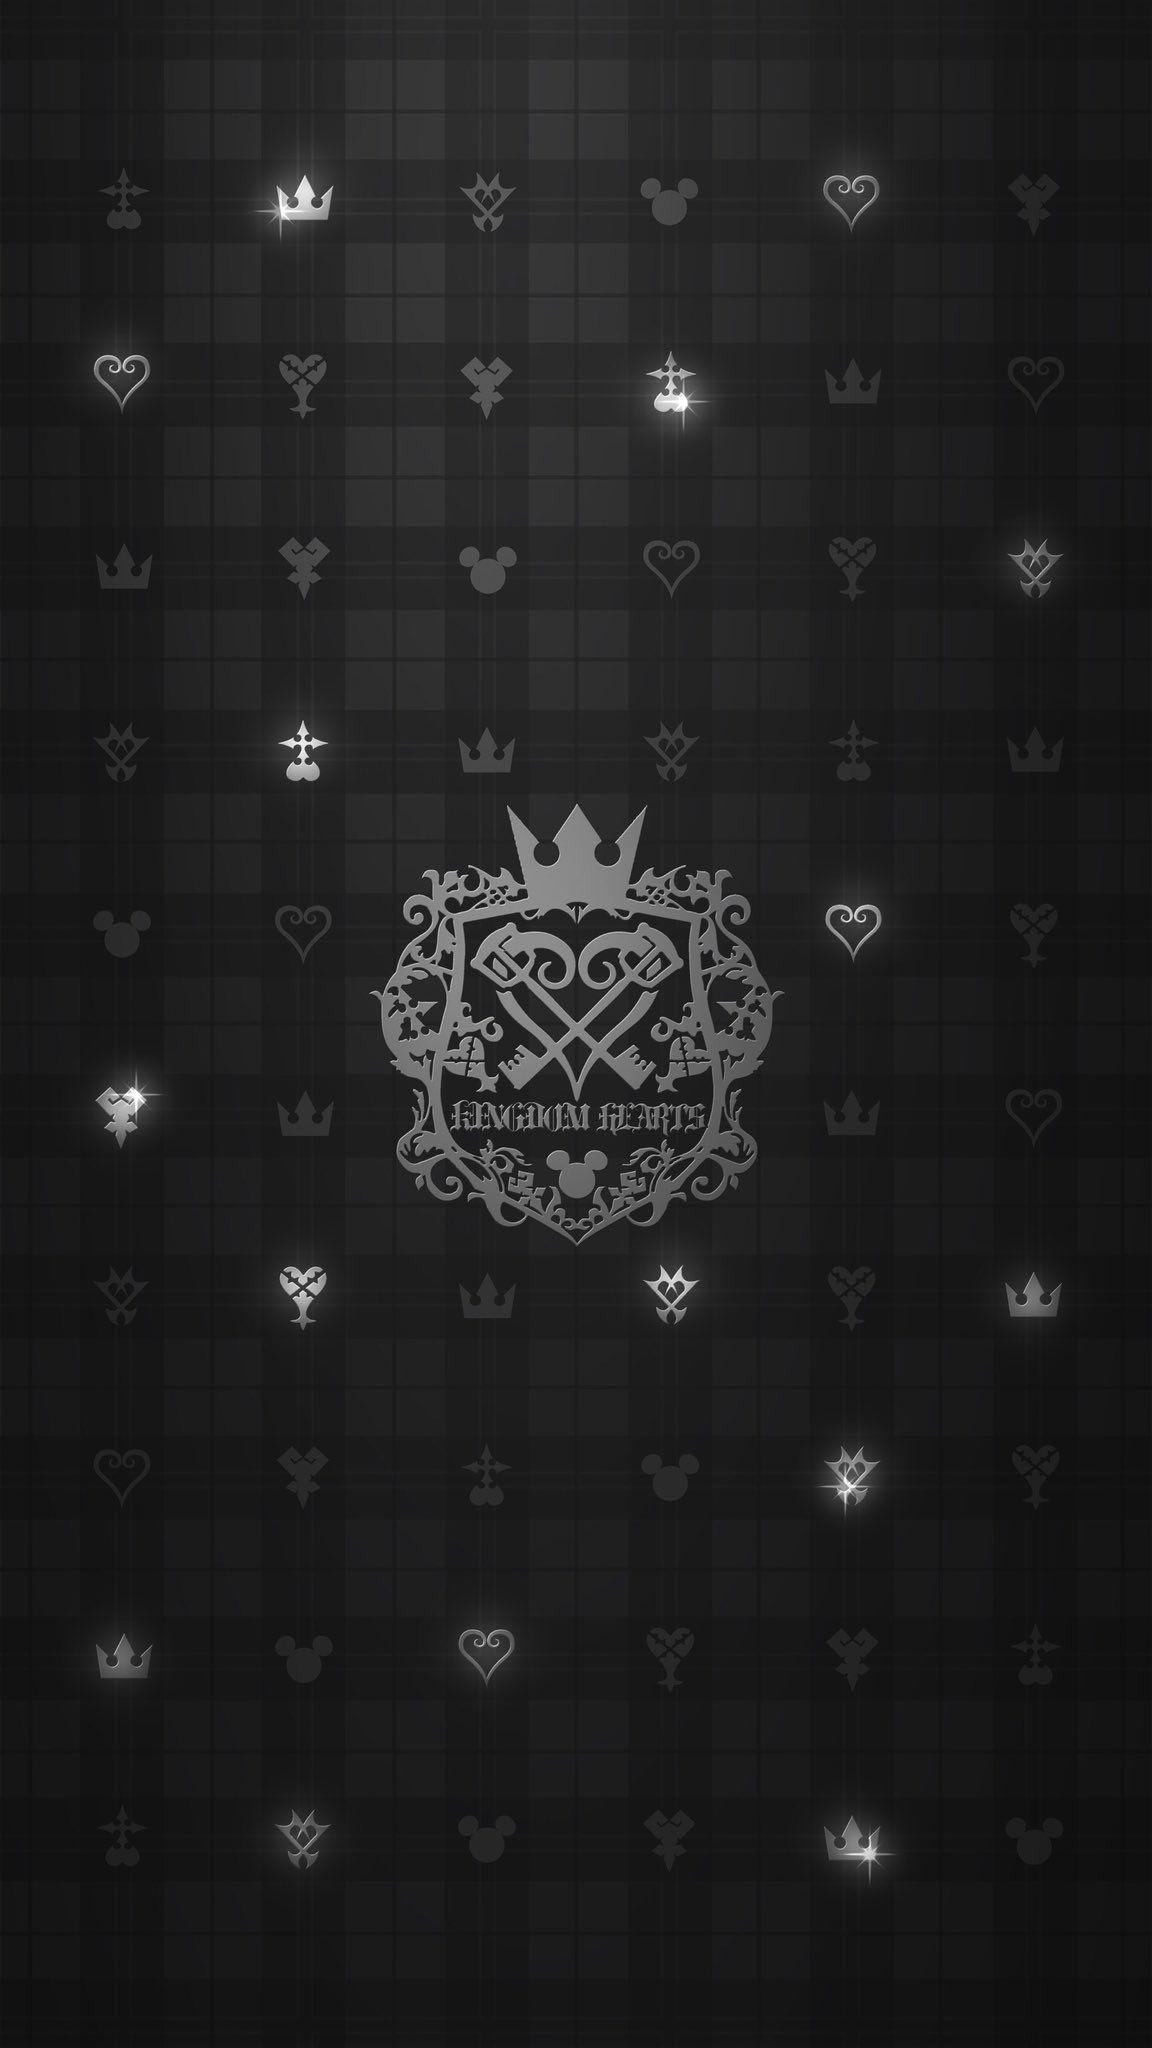 Kingdom Hearts 画像あり キングダムハーツ 壁紙 キングダムハーツ イラスト Ff15 イラスト